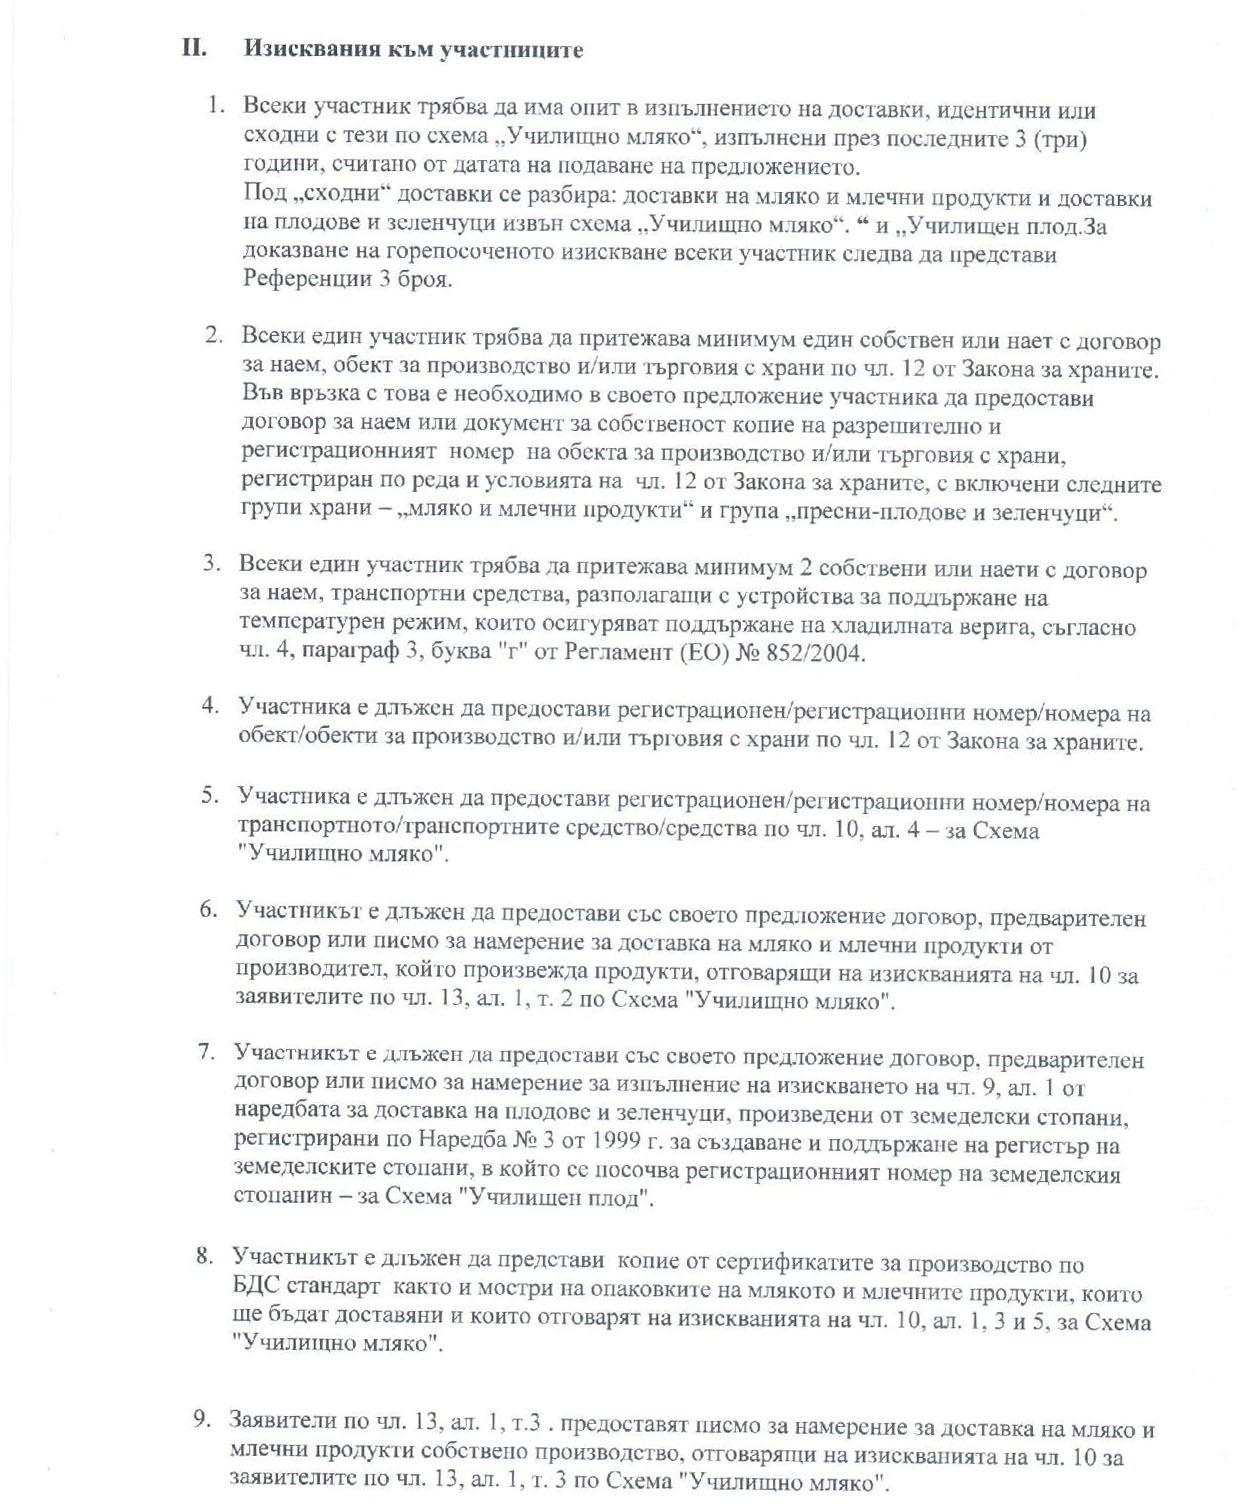 Набирането на предложения за доставка на плодове и зеленчуци и на мляко и млечни продукти в ДГ 25 Изворче-стр 2